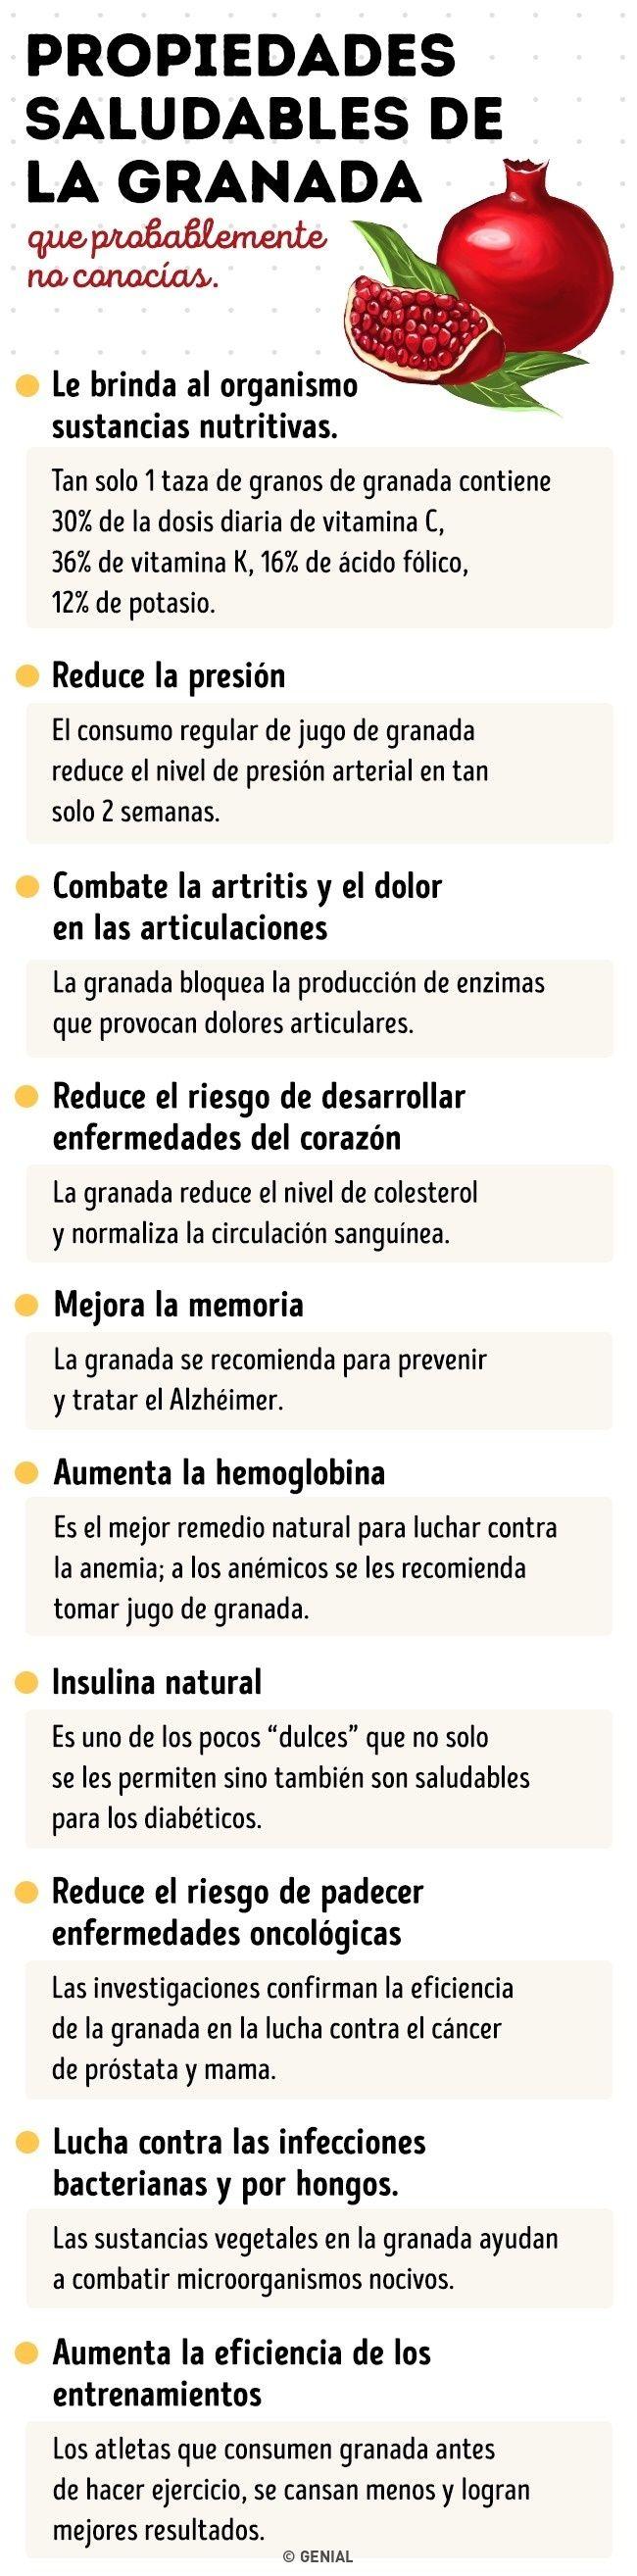 10 Motivos por los que deberías enamorarte de las Granadas. ¡Previenen el Alzheimer!